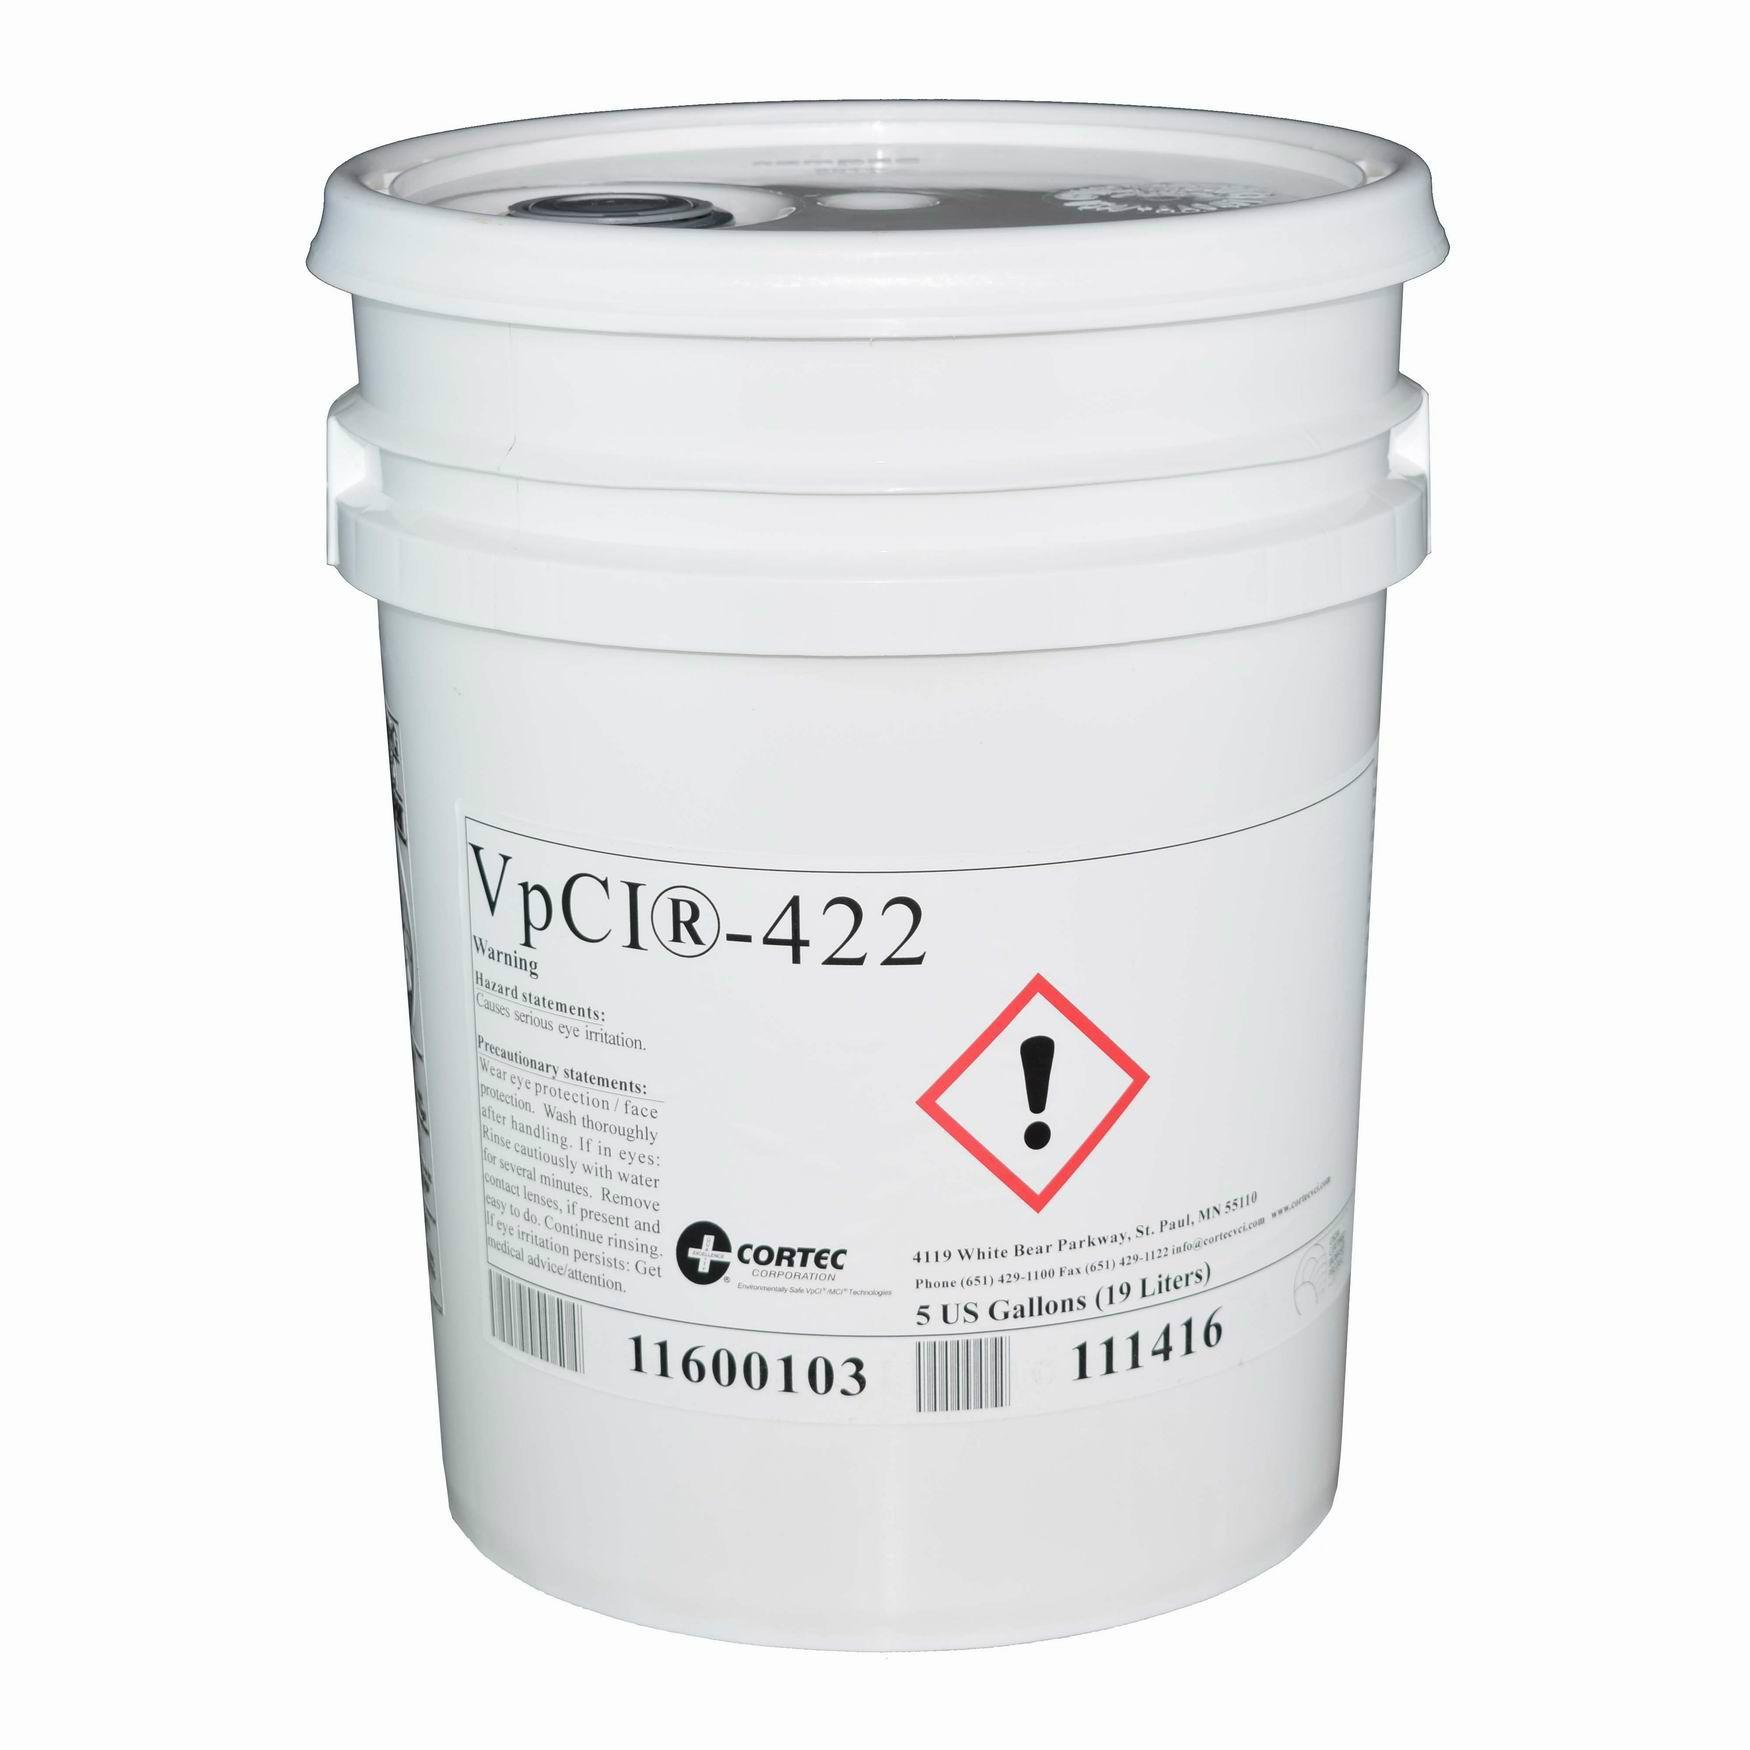 Cortec VPCI-422 -19 Litre Pail - rust remover